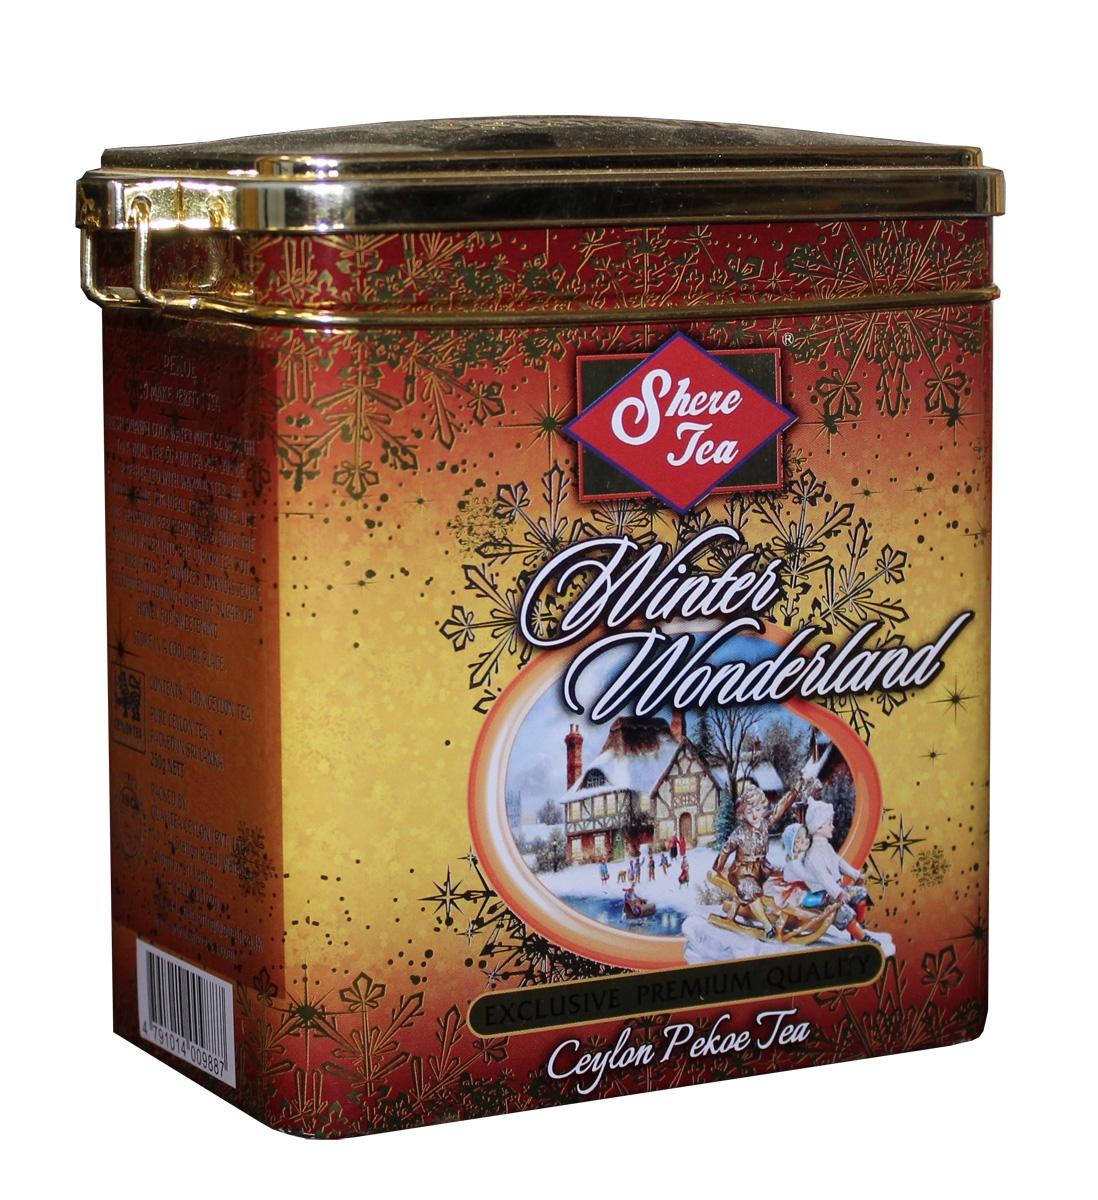 Shere Tea Зимняя страна чудес чай черный листовой, 250 г greenfield чай greenfield классик брекфаст листовой черный 100г